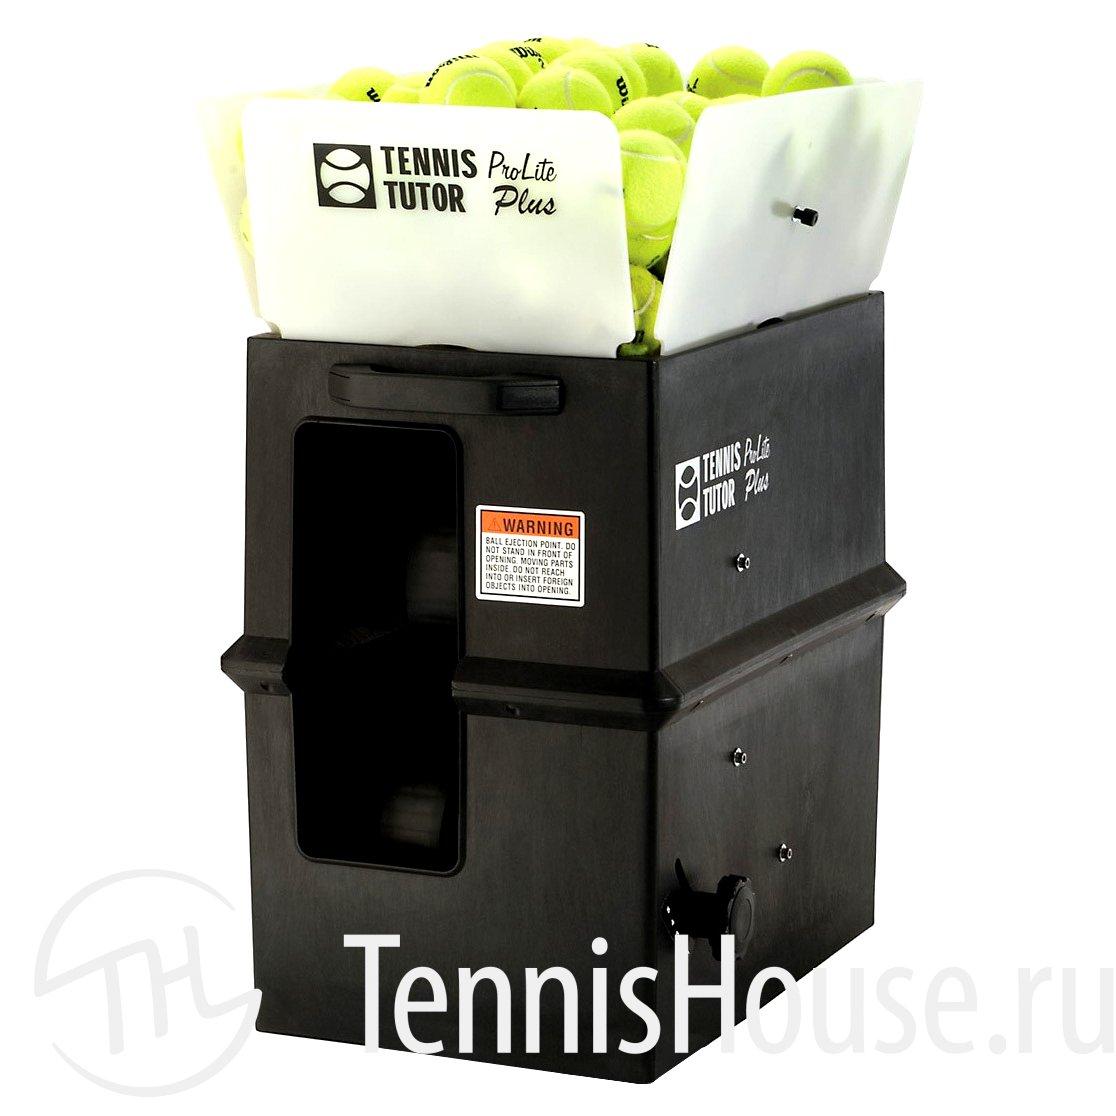 Теннисная пушка Tennis Tutor ProLite Plus, сеть 34001-1